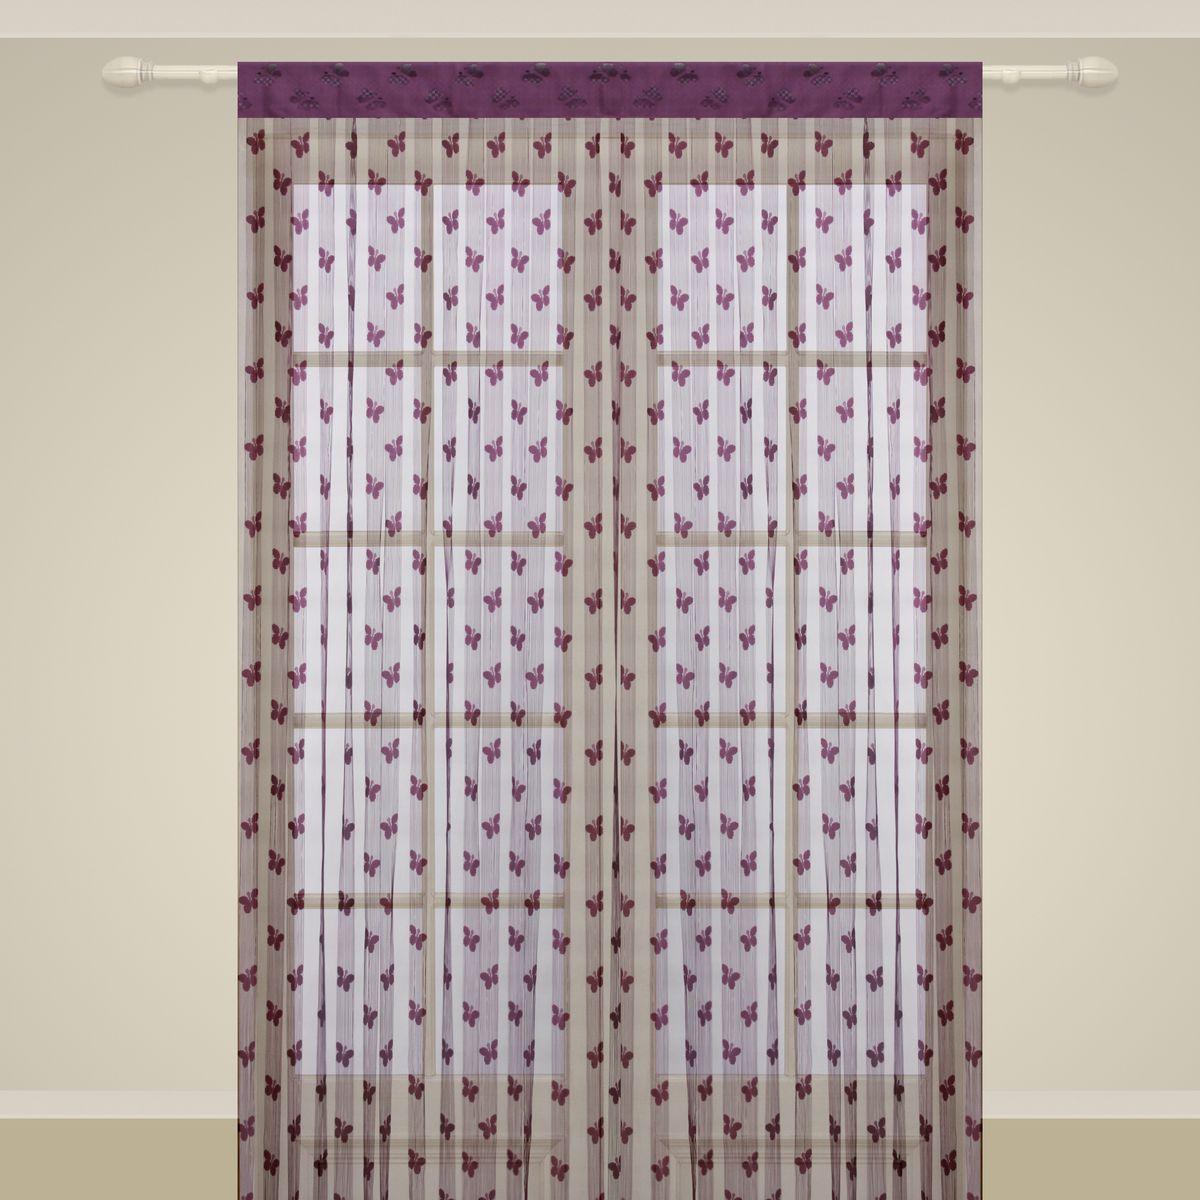 Штора нитяная Sanpa Home Collection, на ленте, цвет: лаванда, высота 290 см. SP106SP 106/LAVENDER, , 150*290 см